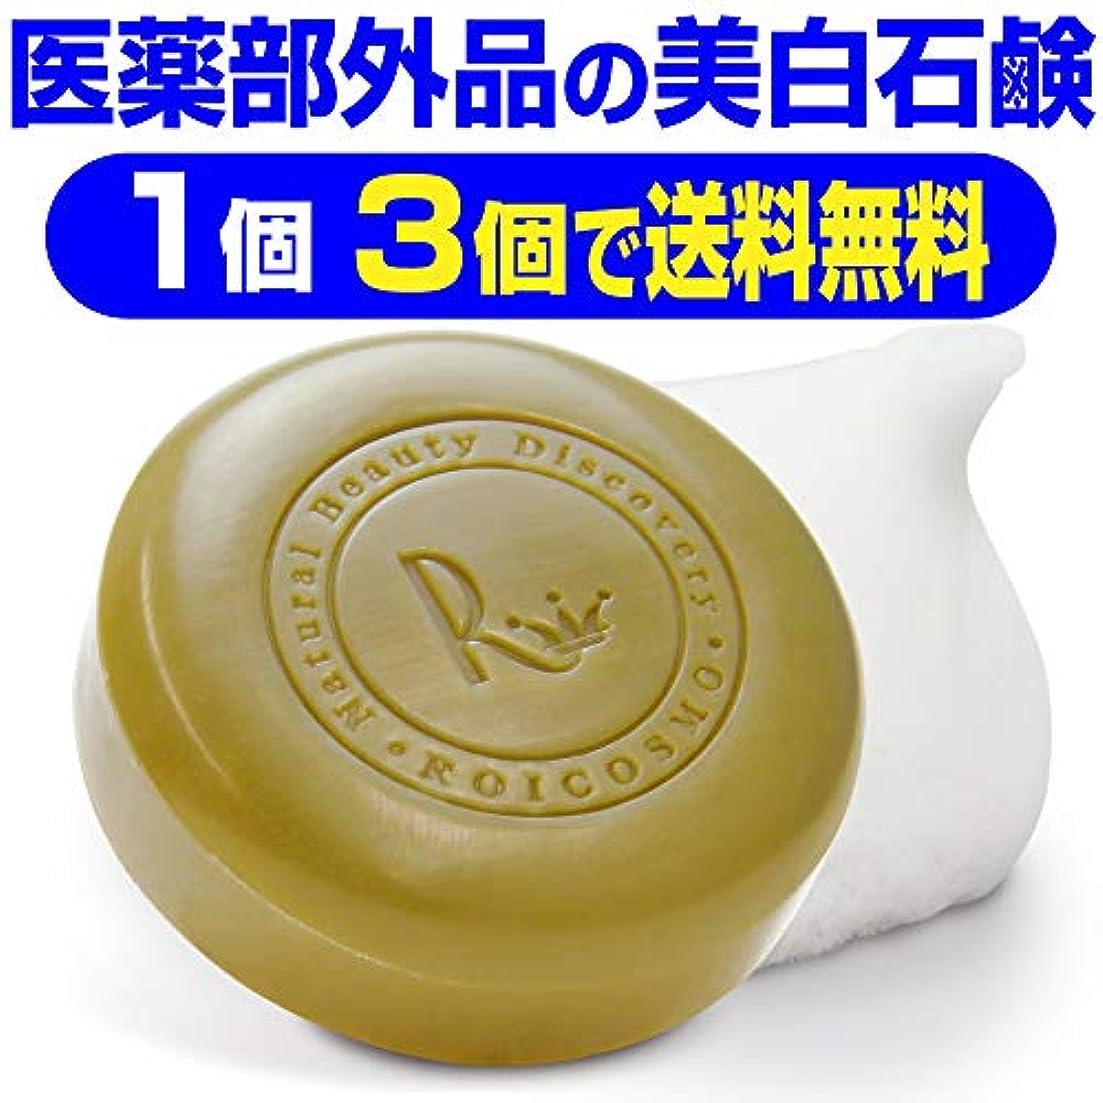 悲劇費やす良性美白石鹸/ビタミンC270倍の美白成分配合の 洗顔石鹸 固形『ホワイトソープ100g×1個』